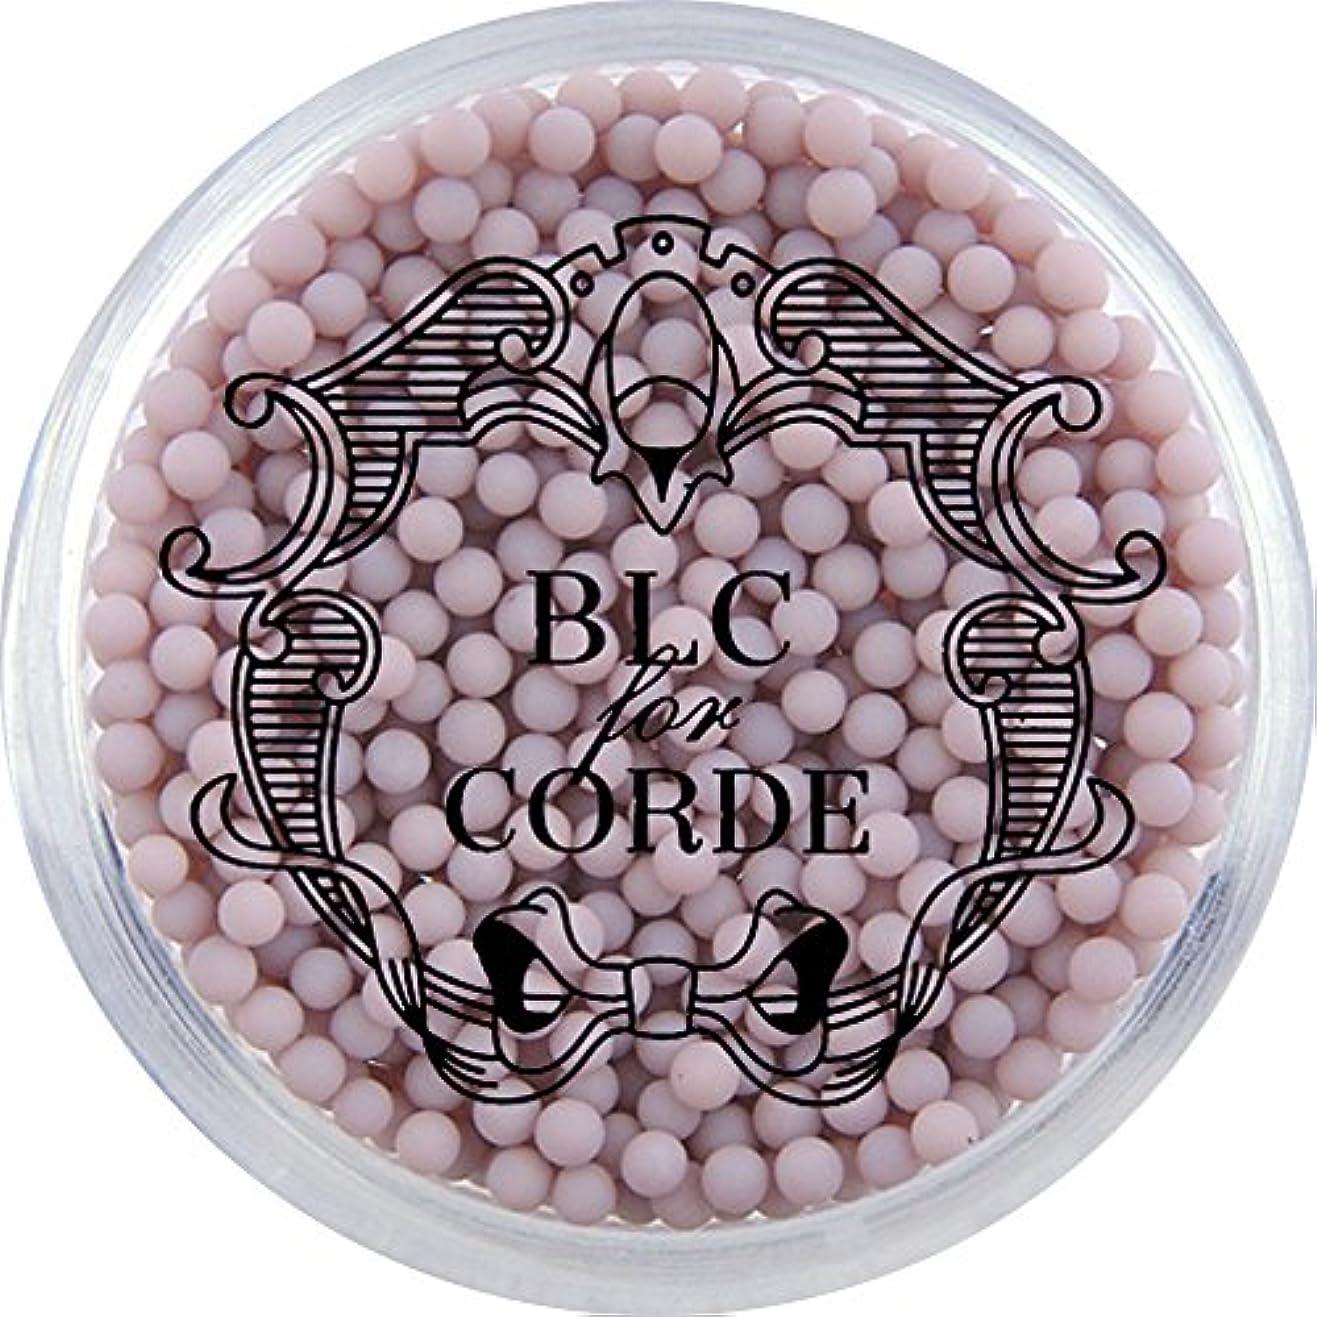 飢えた雑多な奇妙なBLC FOR CORDE ガラスブリオン ラベンダー